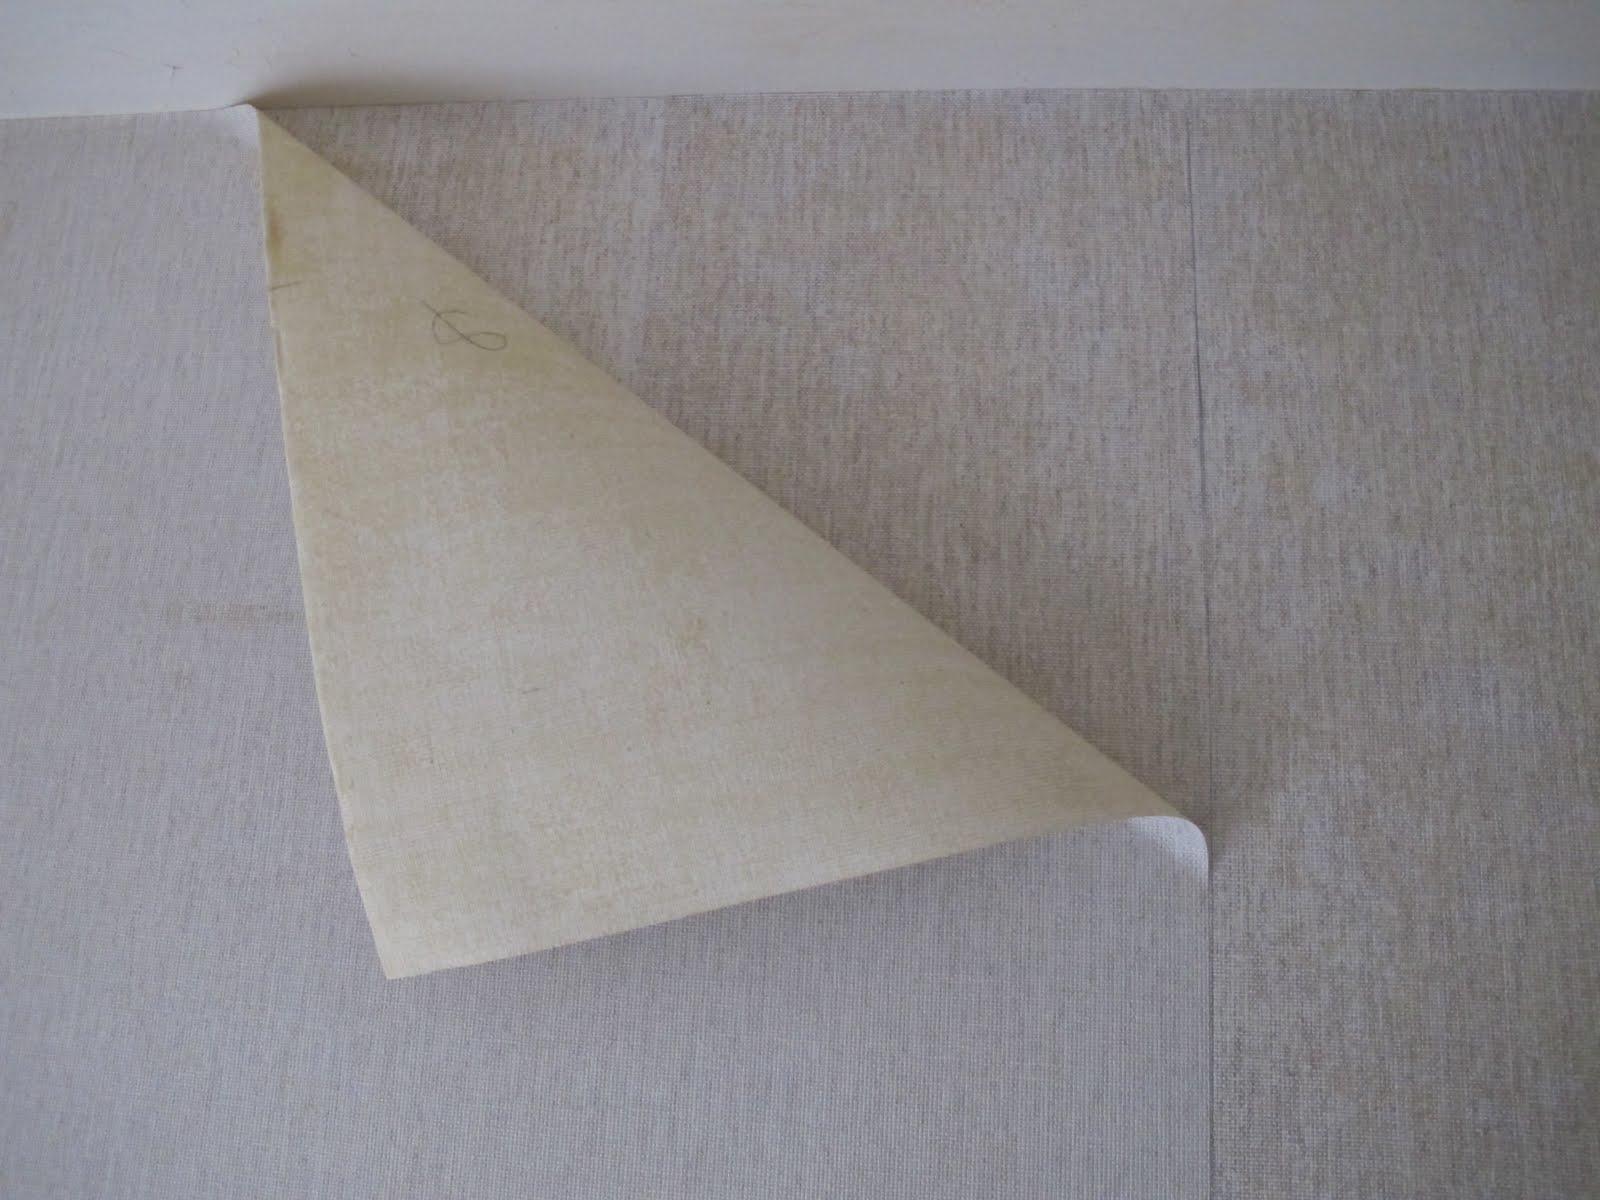 wallpaper Wallpaper Peeling Off Walls 1600x1200